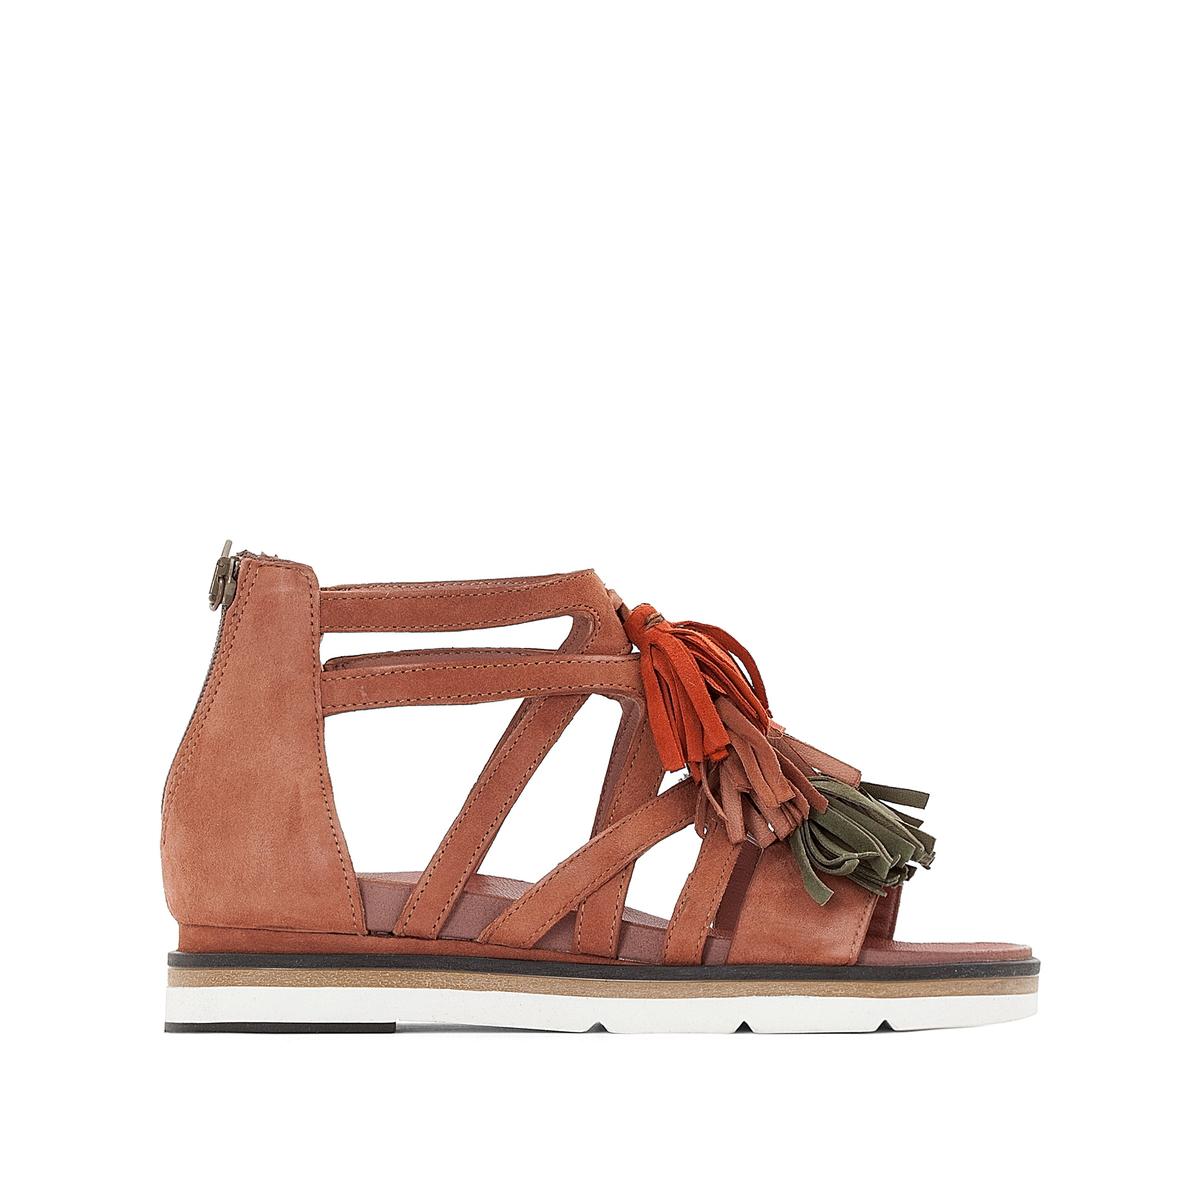 Босоножки кожаные на плоском каблуке, Ina босоножки beira rio босоножки на каблуке